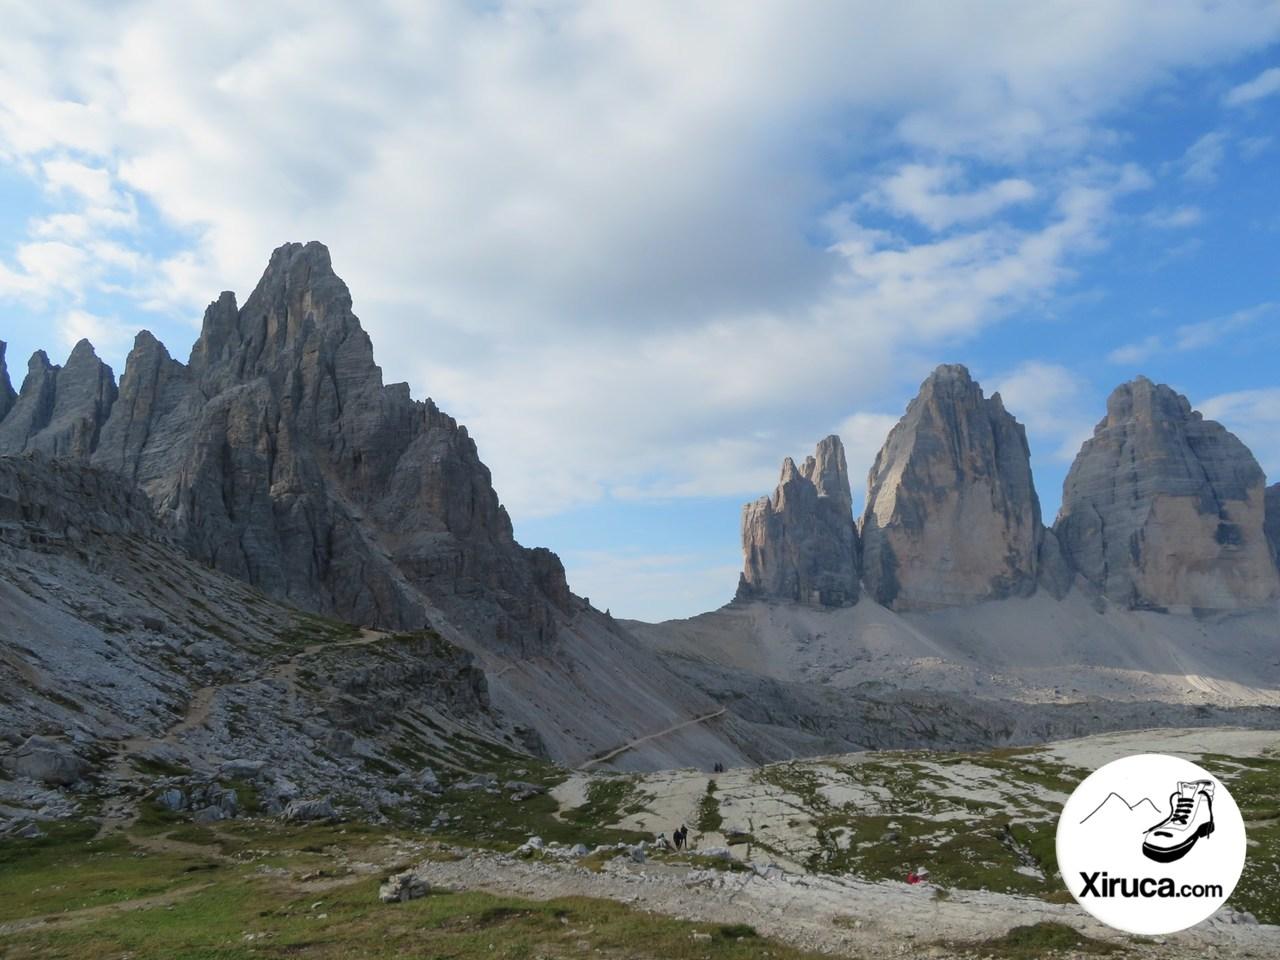 Monte Paterno y Tre Cime di Lavaredo